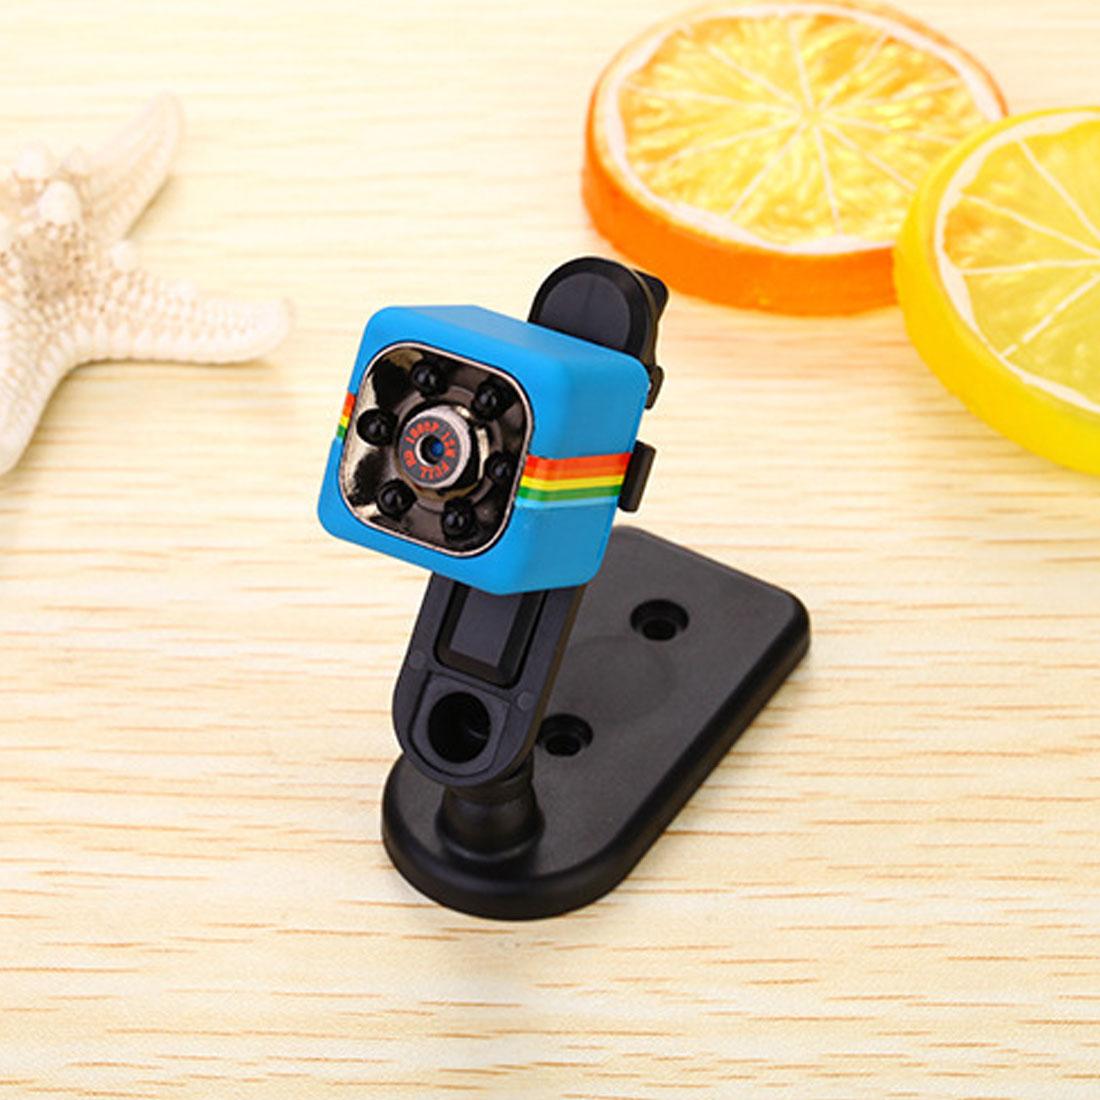 SQ11 Mini Macchina Fotografica HD 1080 p Dell'automobile DVR di Visione Notturna Videocamera A Raggi Infrarossi Video Recorder Sport Fotocamera Digitale carta di Tf di Sostegno